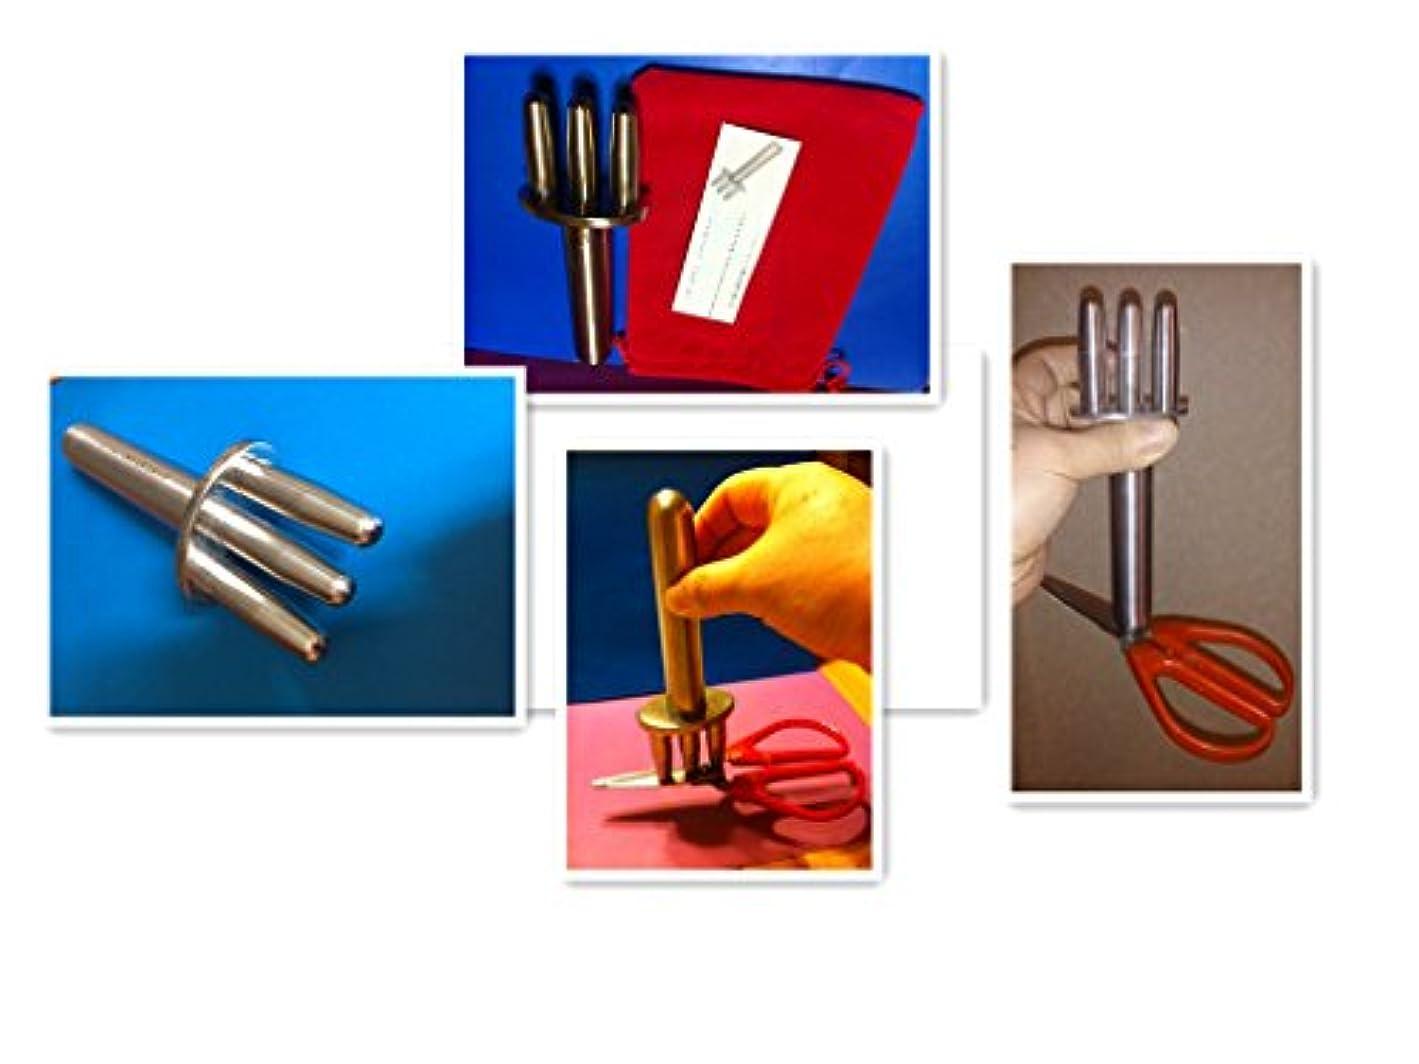 活気づける独特のストローク排酸術排酸棒ボディのマ排酸術磁力マッサジ棒Echo & Kern 陰極磁力排酸棒北極磁気マッサジ棒、磁気棒、ツボ押し棒 磁気 マッサージ棒 指圧棒 磁力がコリに直接当たる排酸術